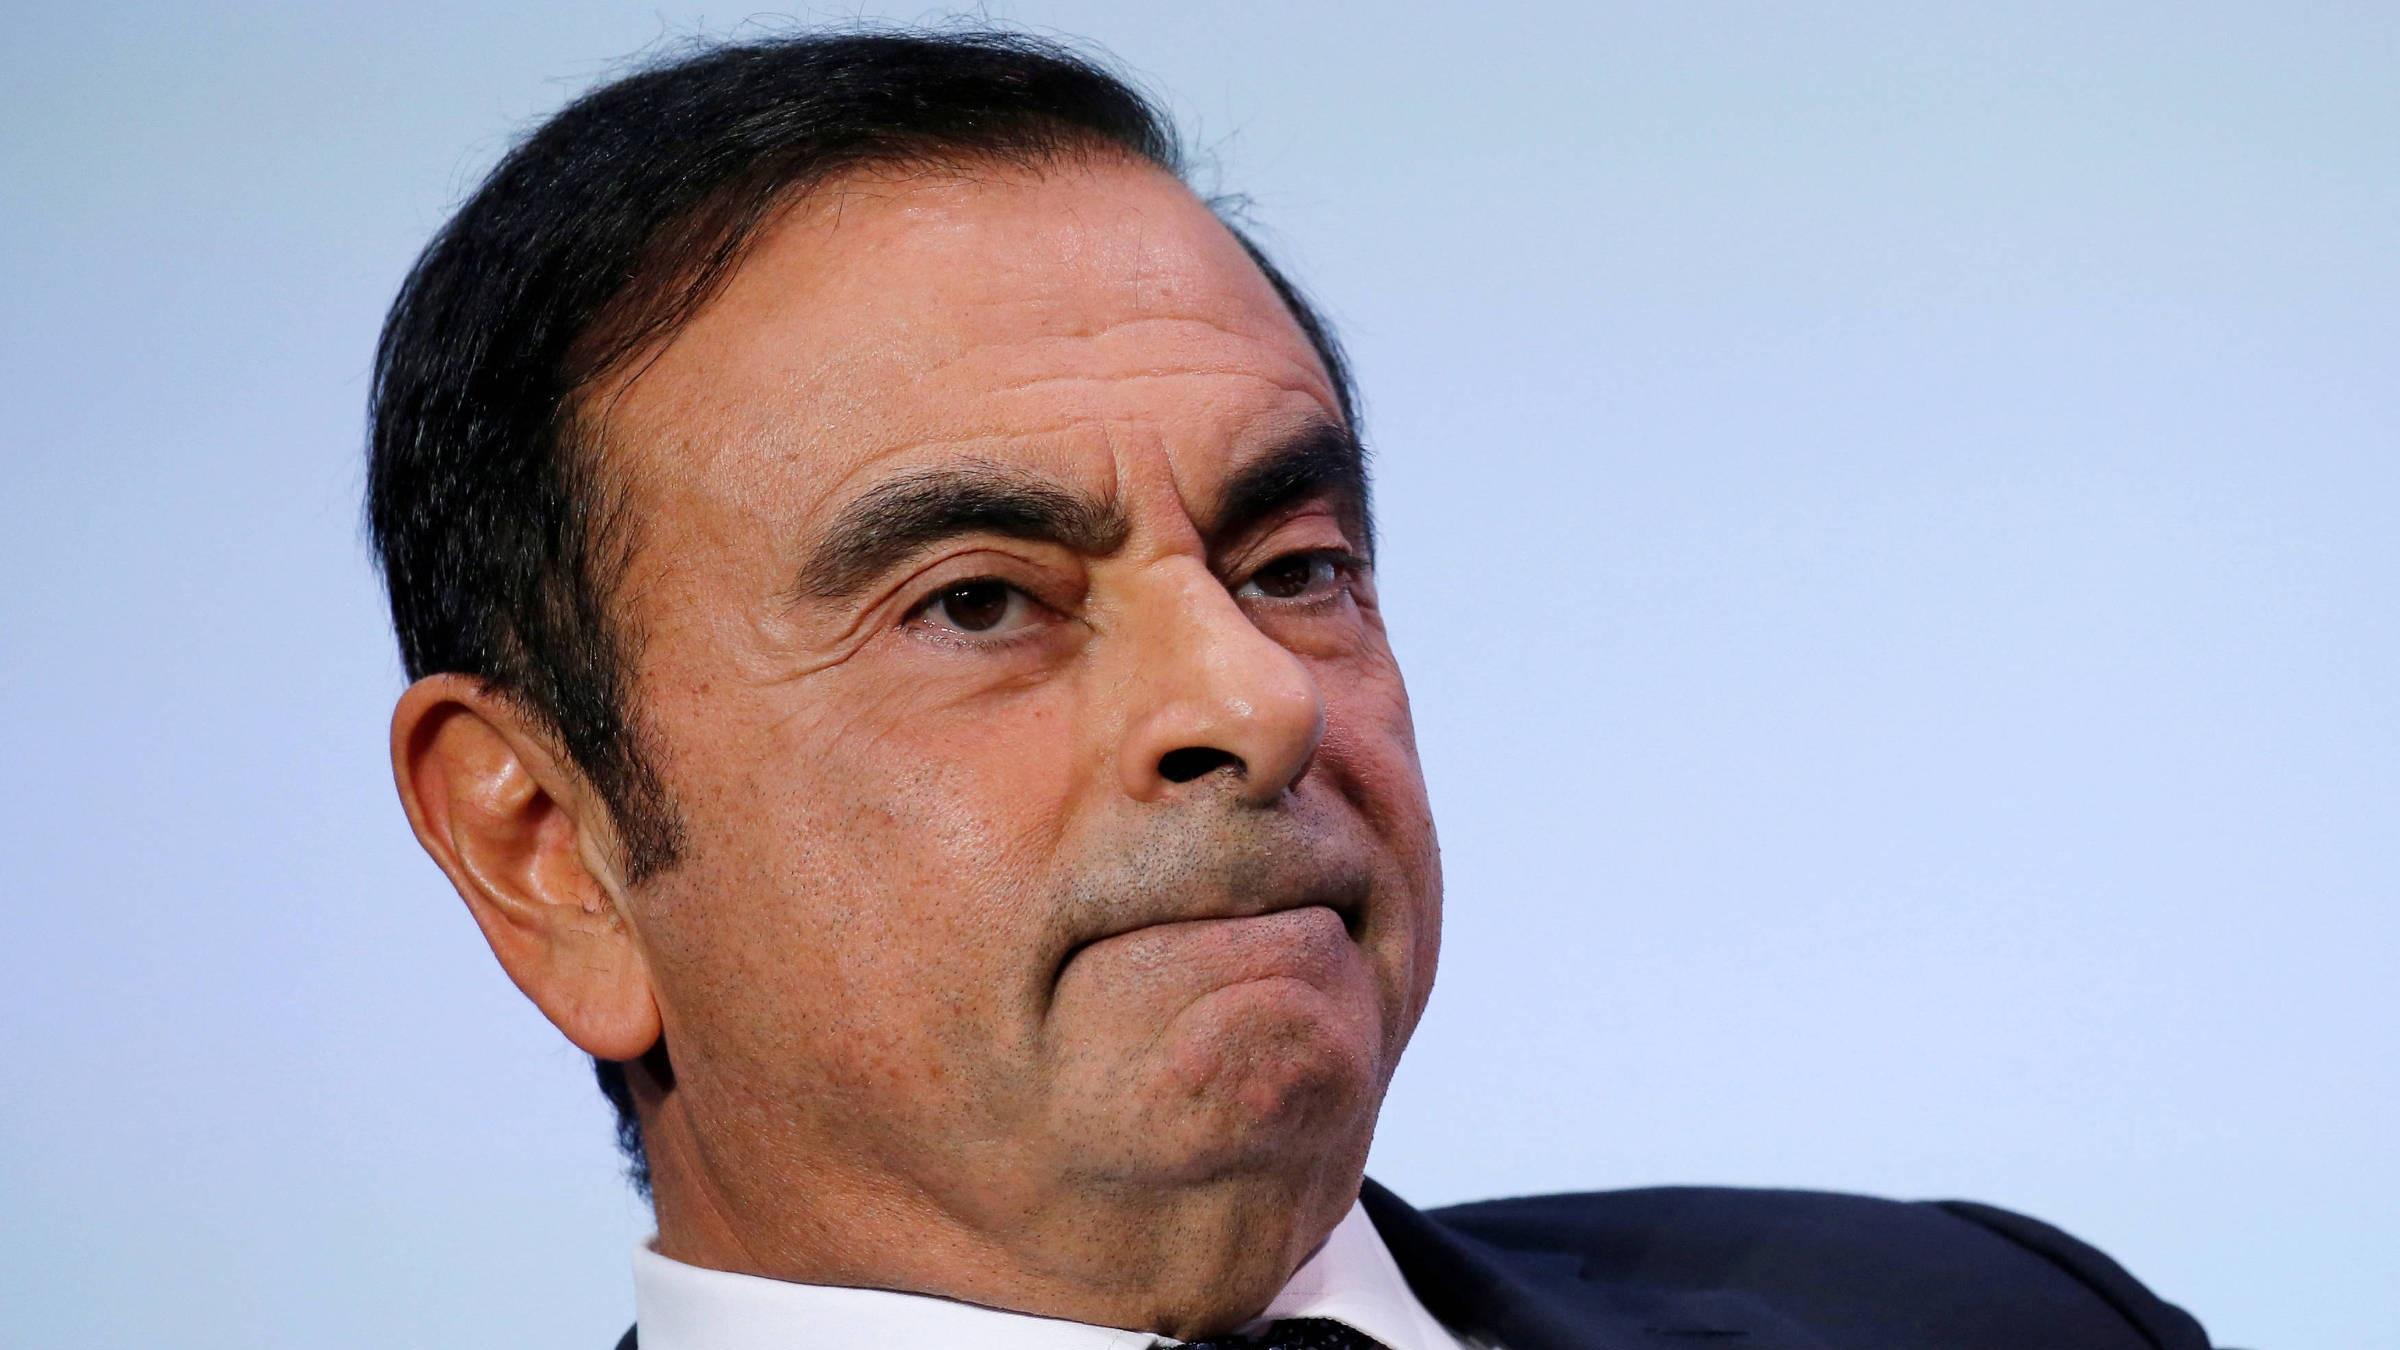 Nuevas acusaciones contra exdirector de Nissan involucran a empresarios saudíes